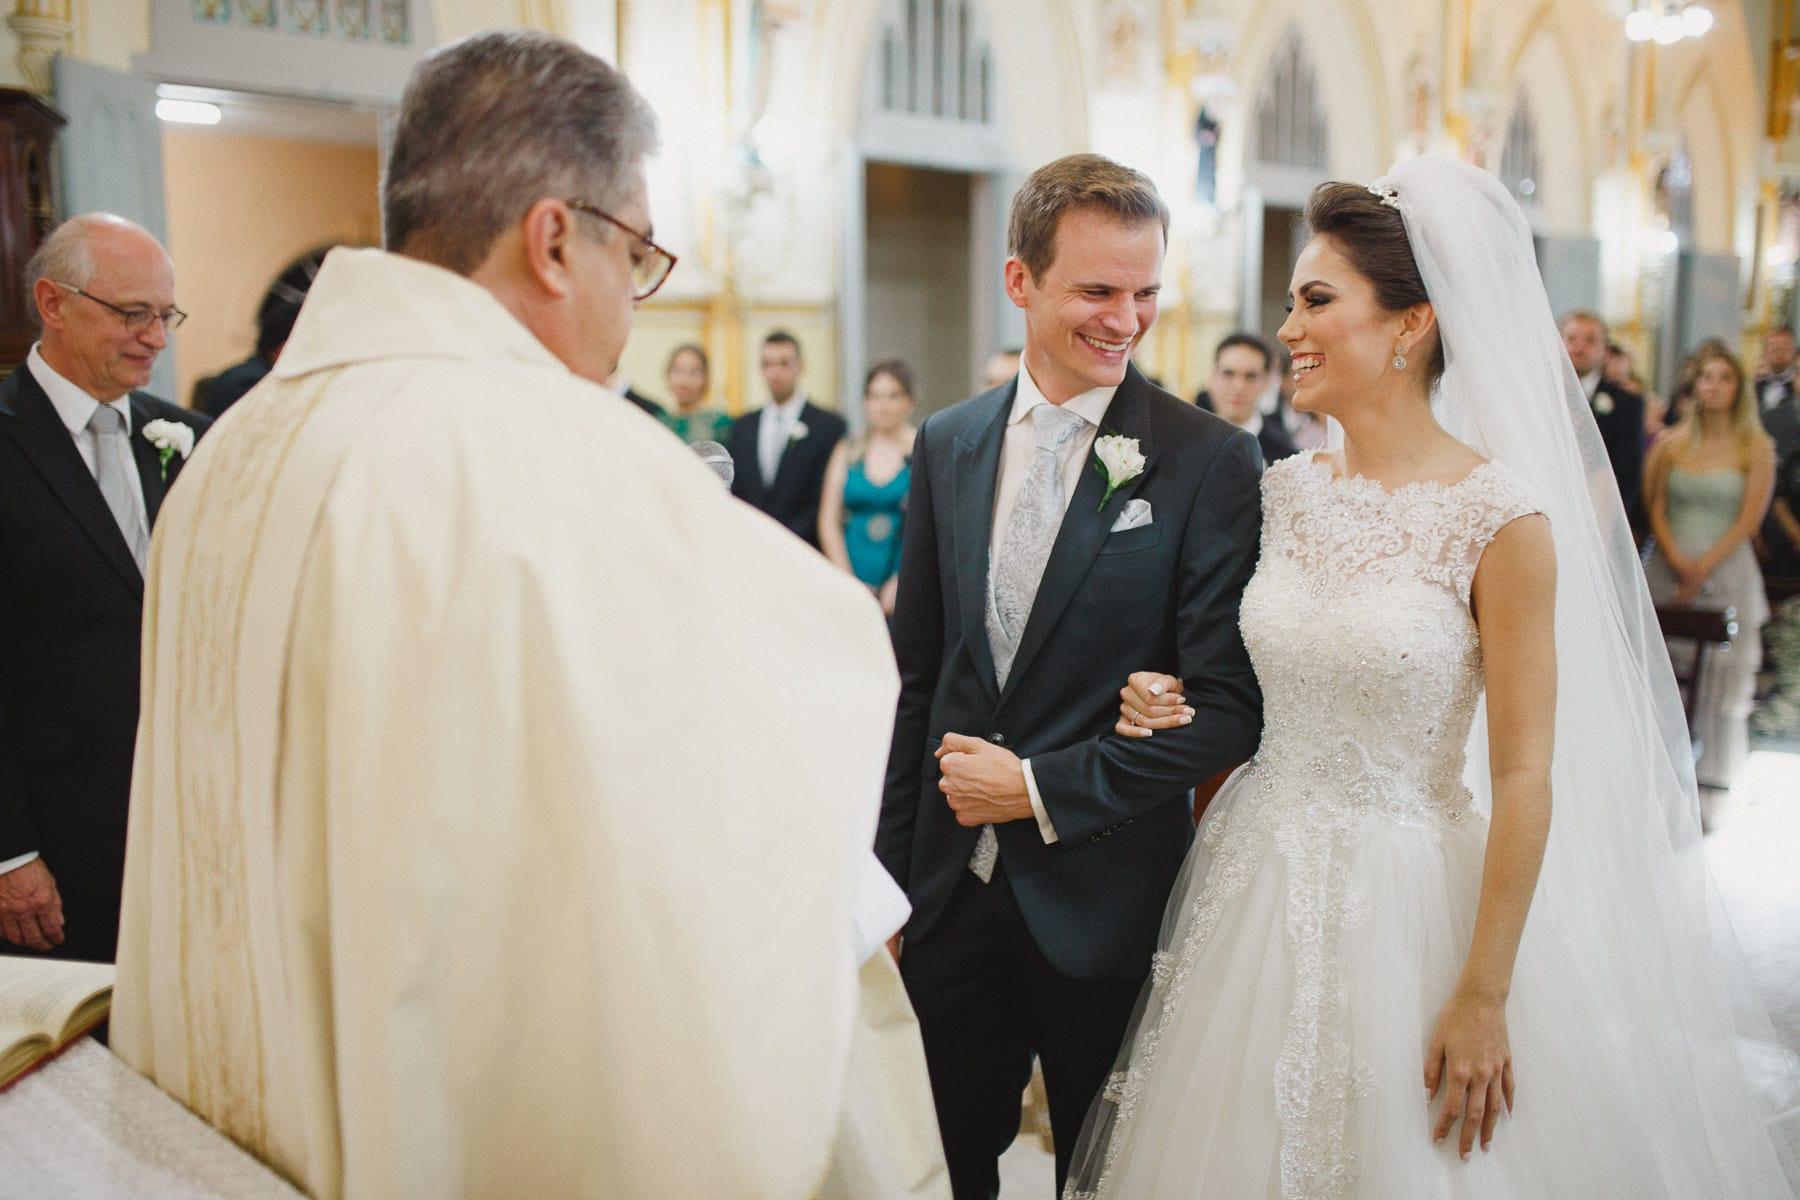 casamento-igreja-do-pequeno-grande-23